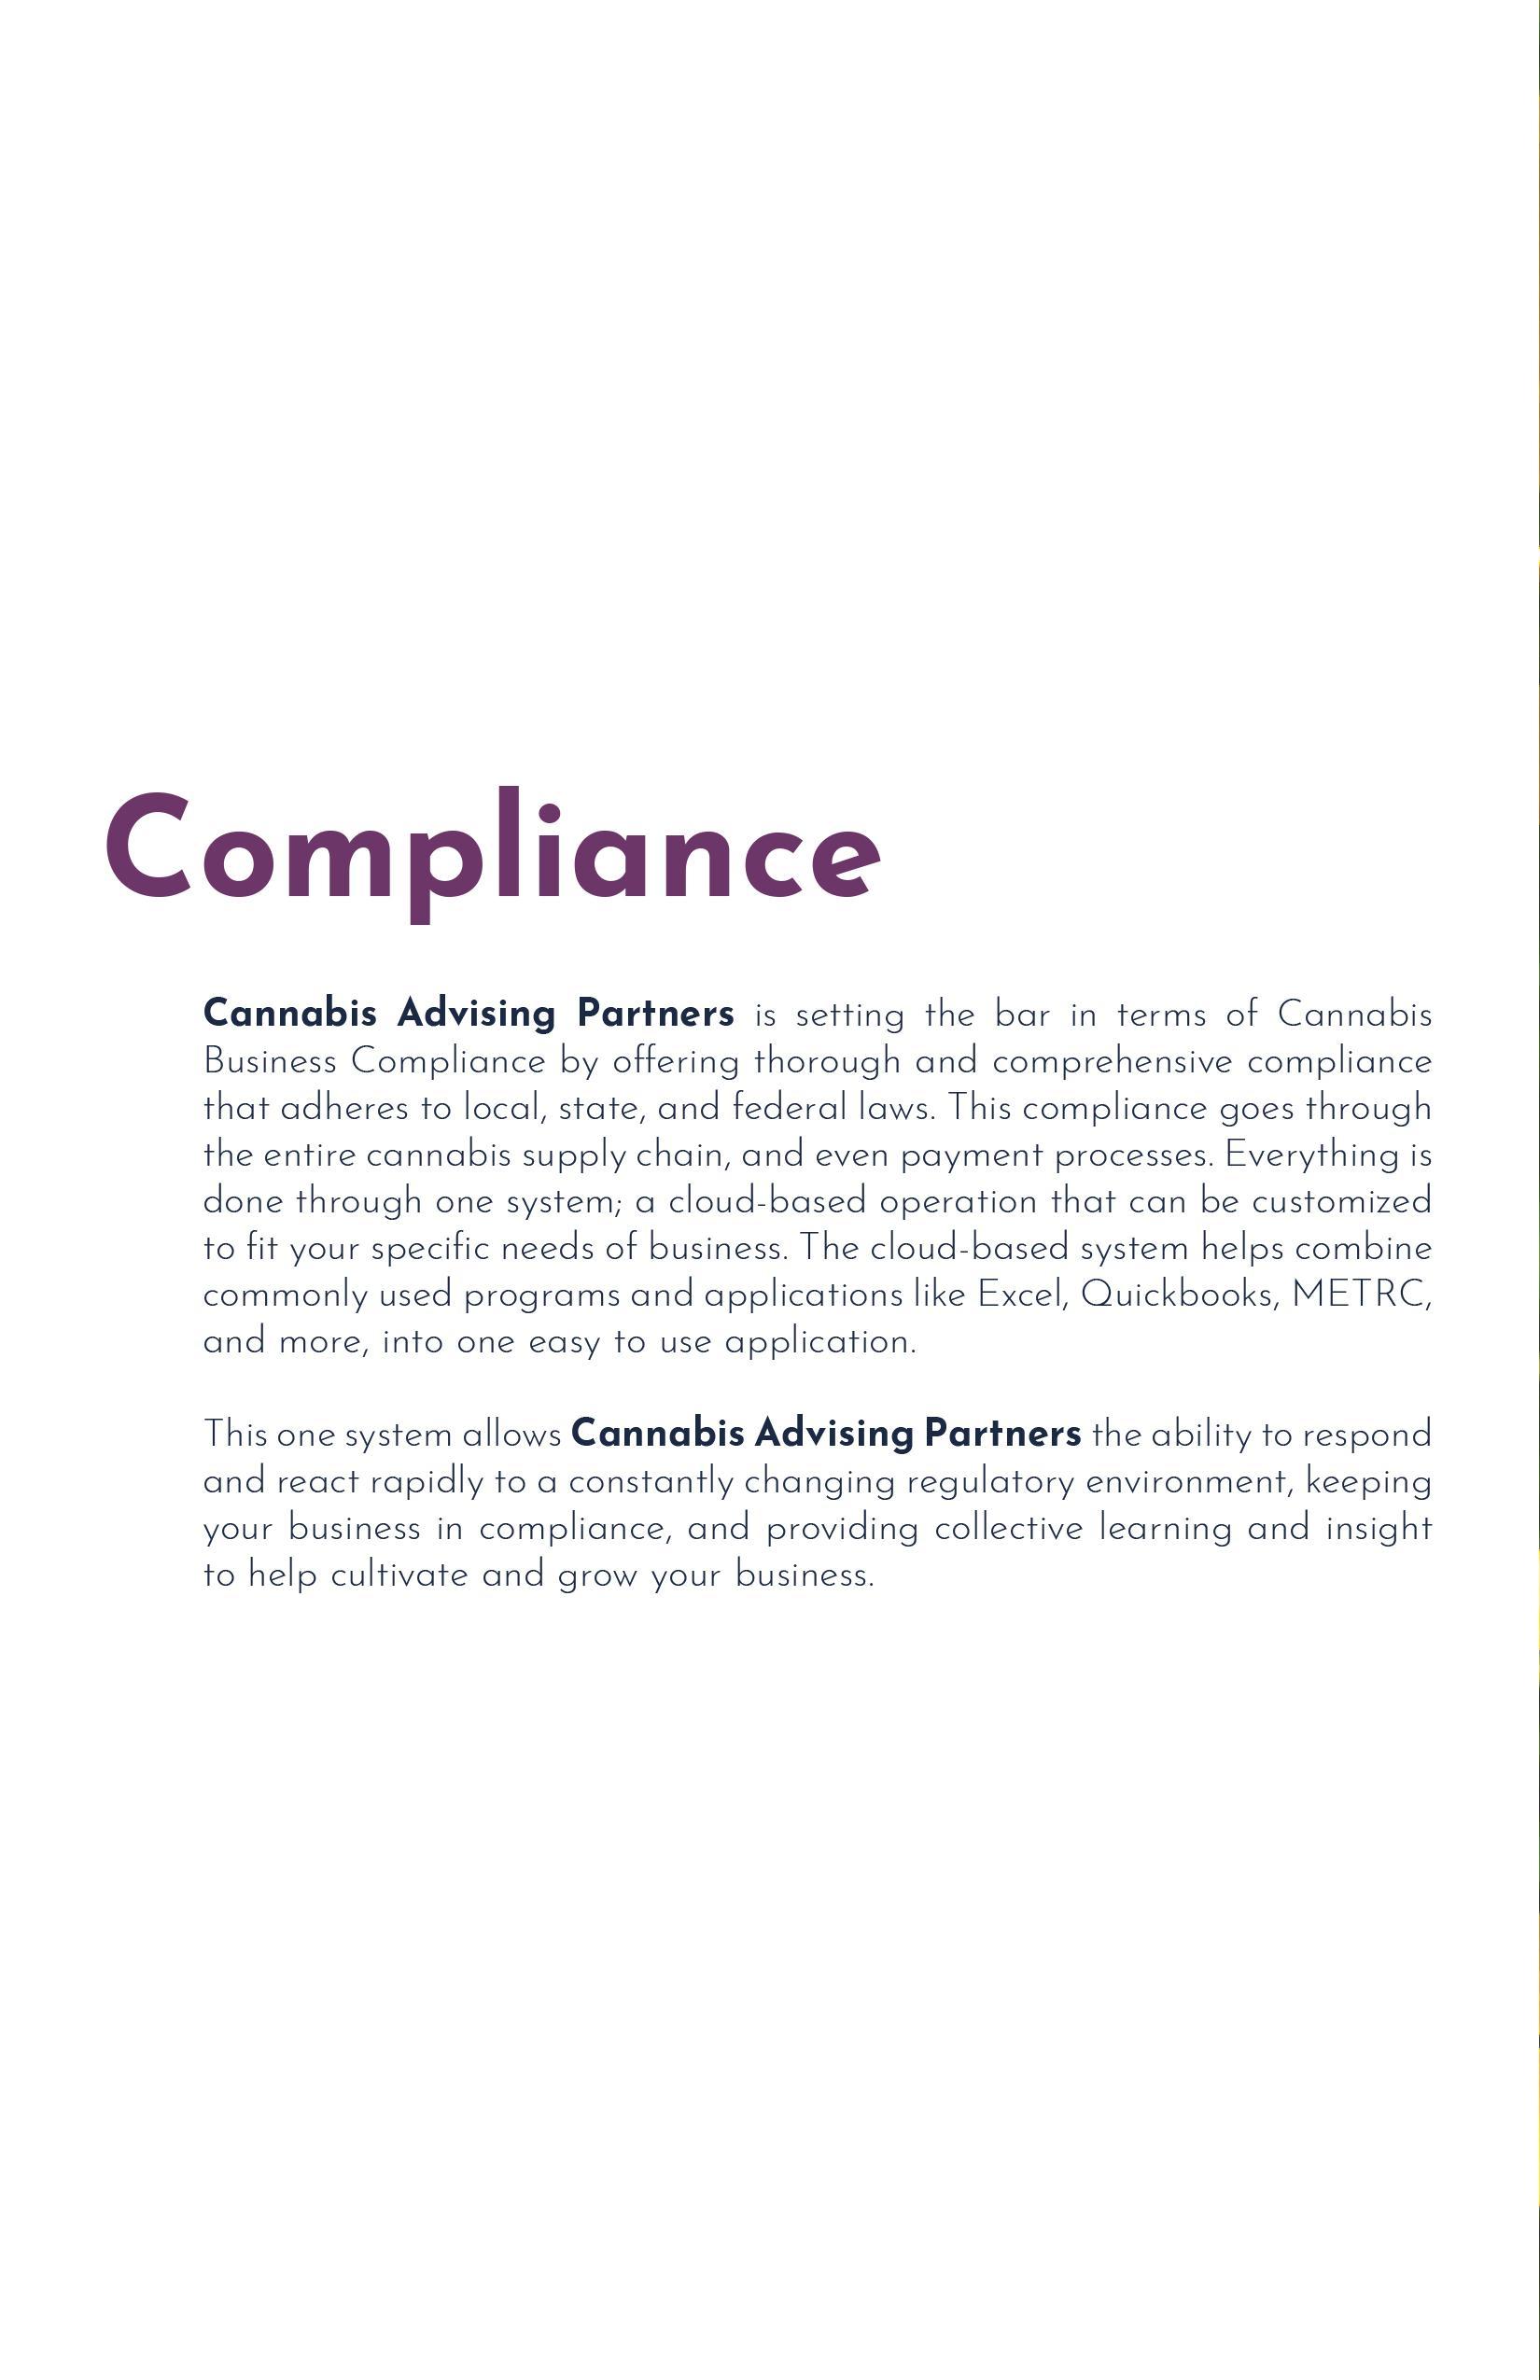 CAP Brochure 2019 - FPD 190118-min-page-010.jpg